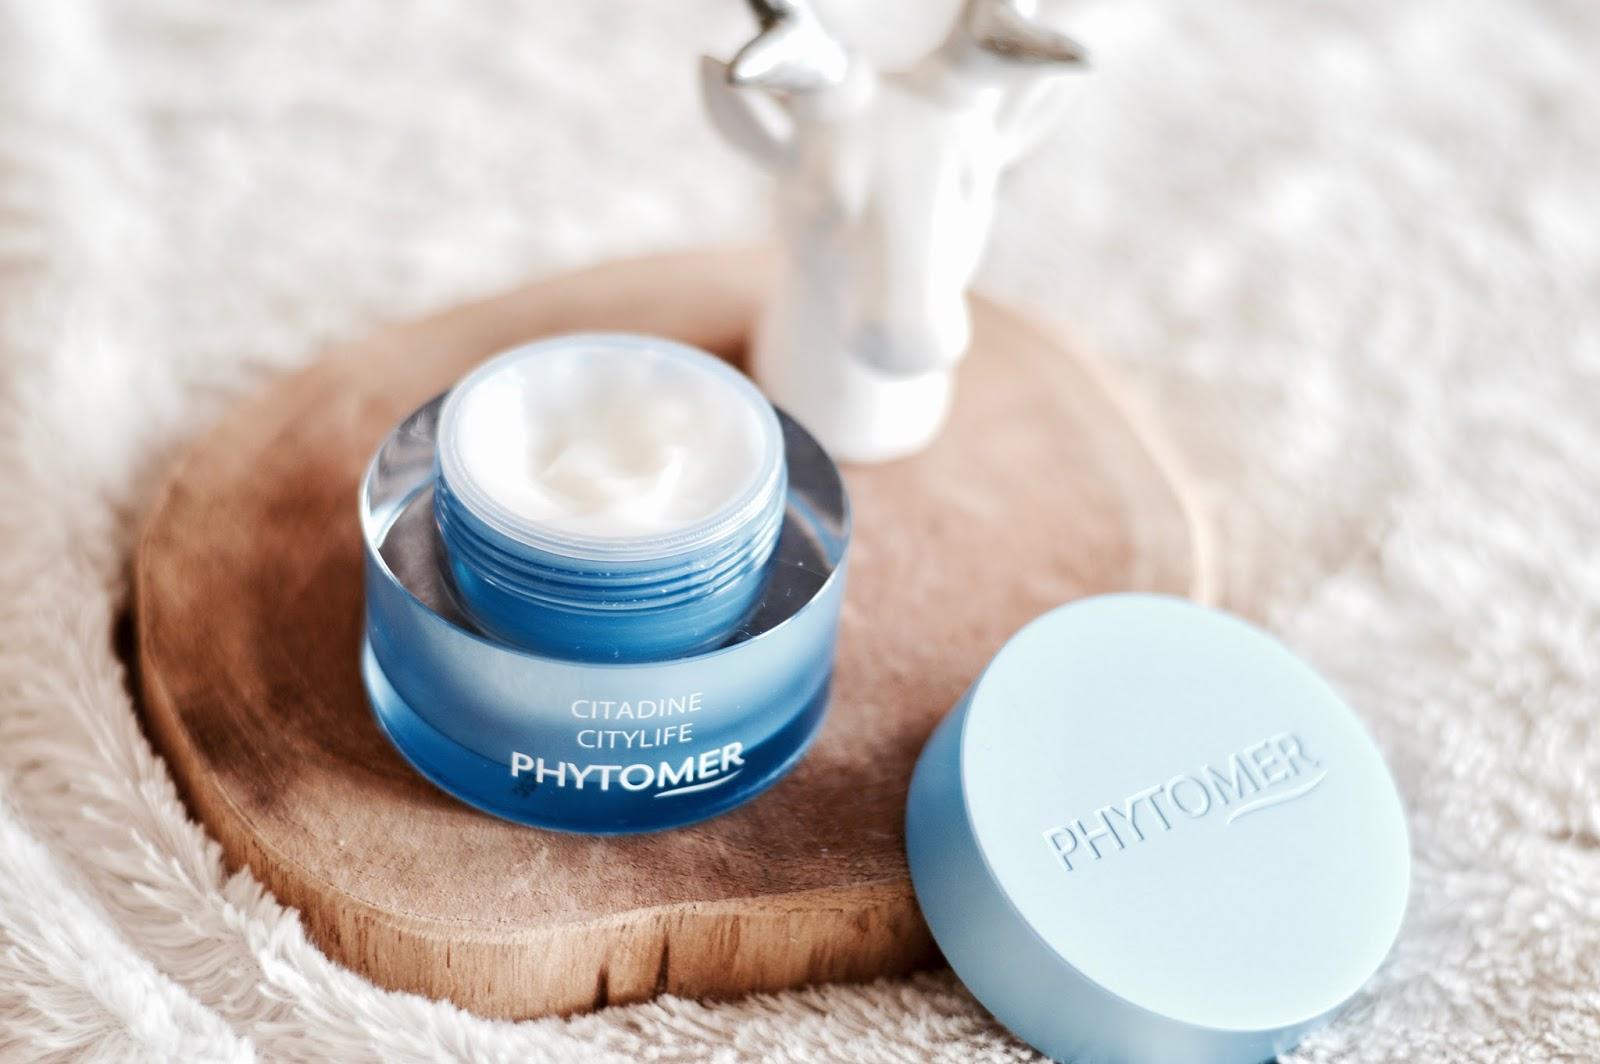 crème de jour CITADINE Phytomer test et avis